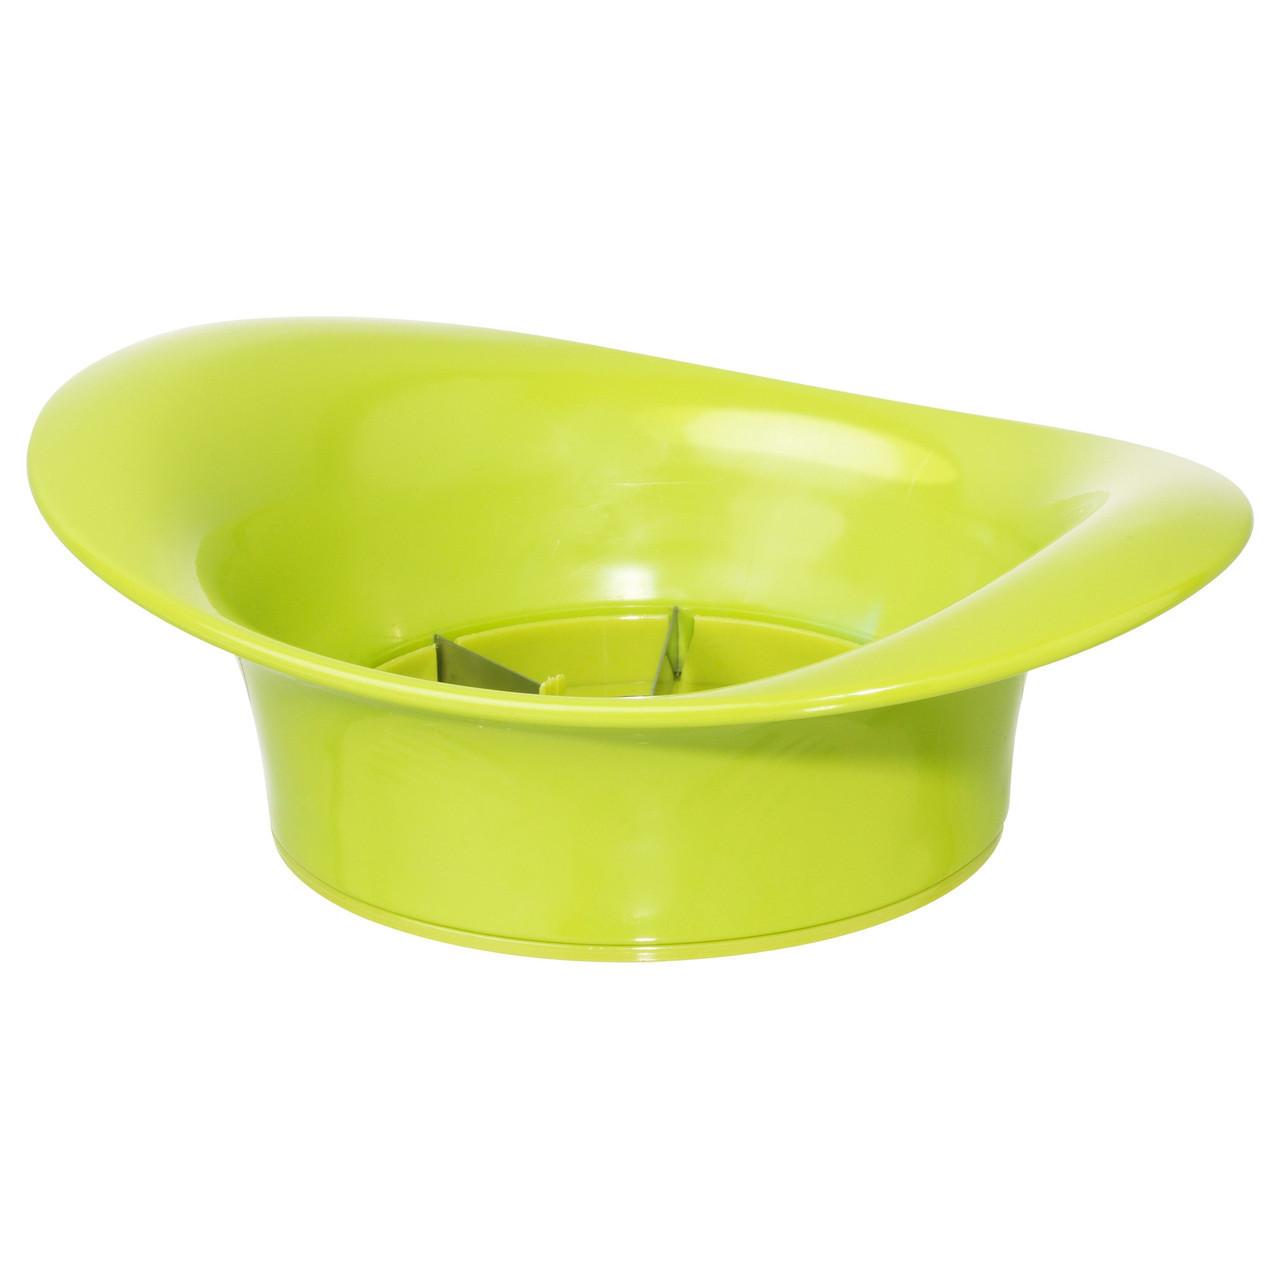 Машина для резки яблок икеа SPRITTA , зеленый, IKEA, 901.529.99